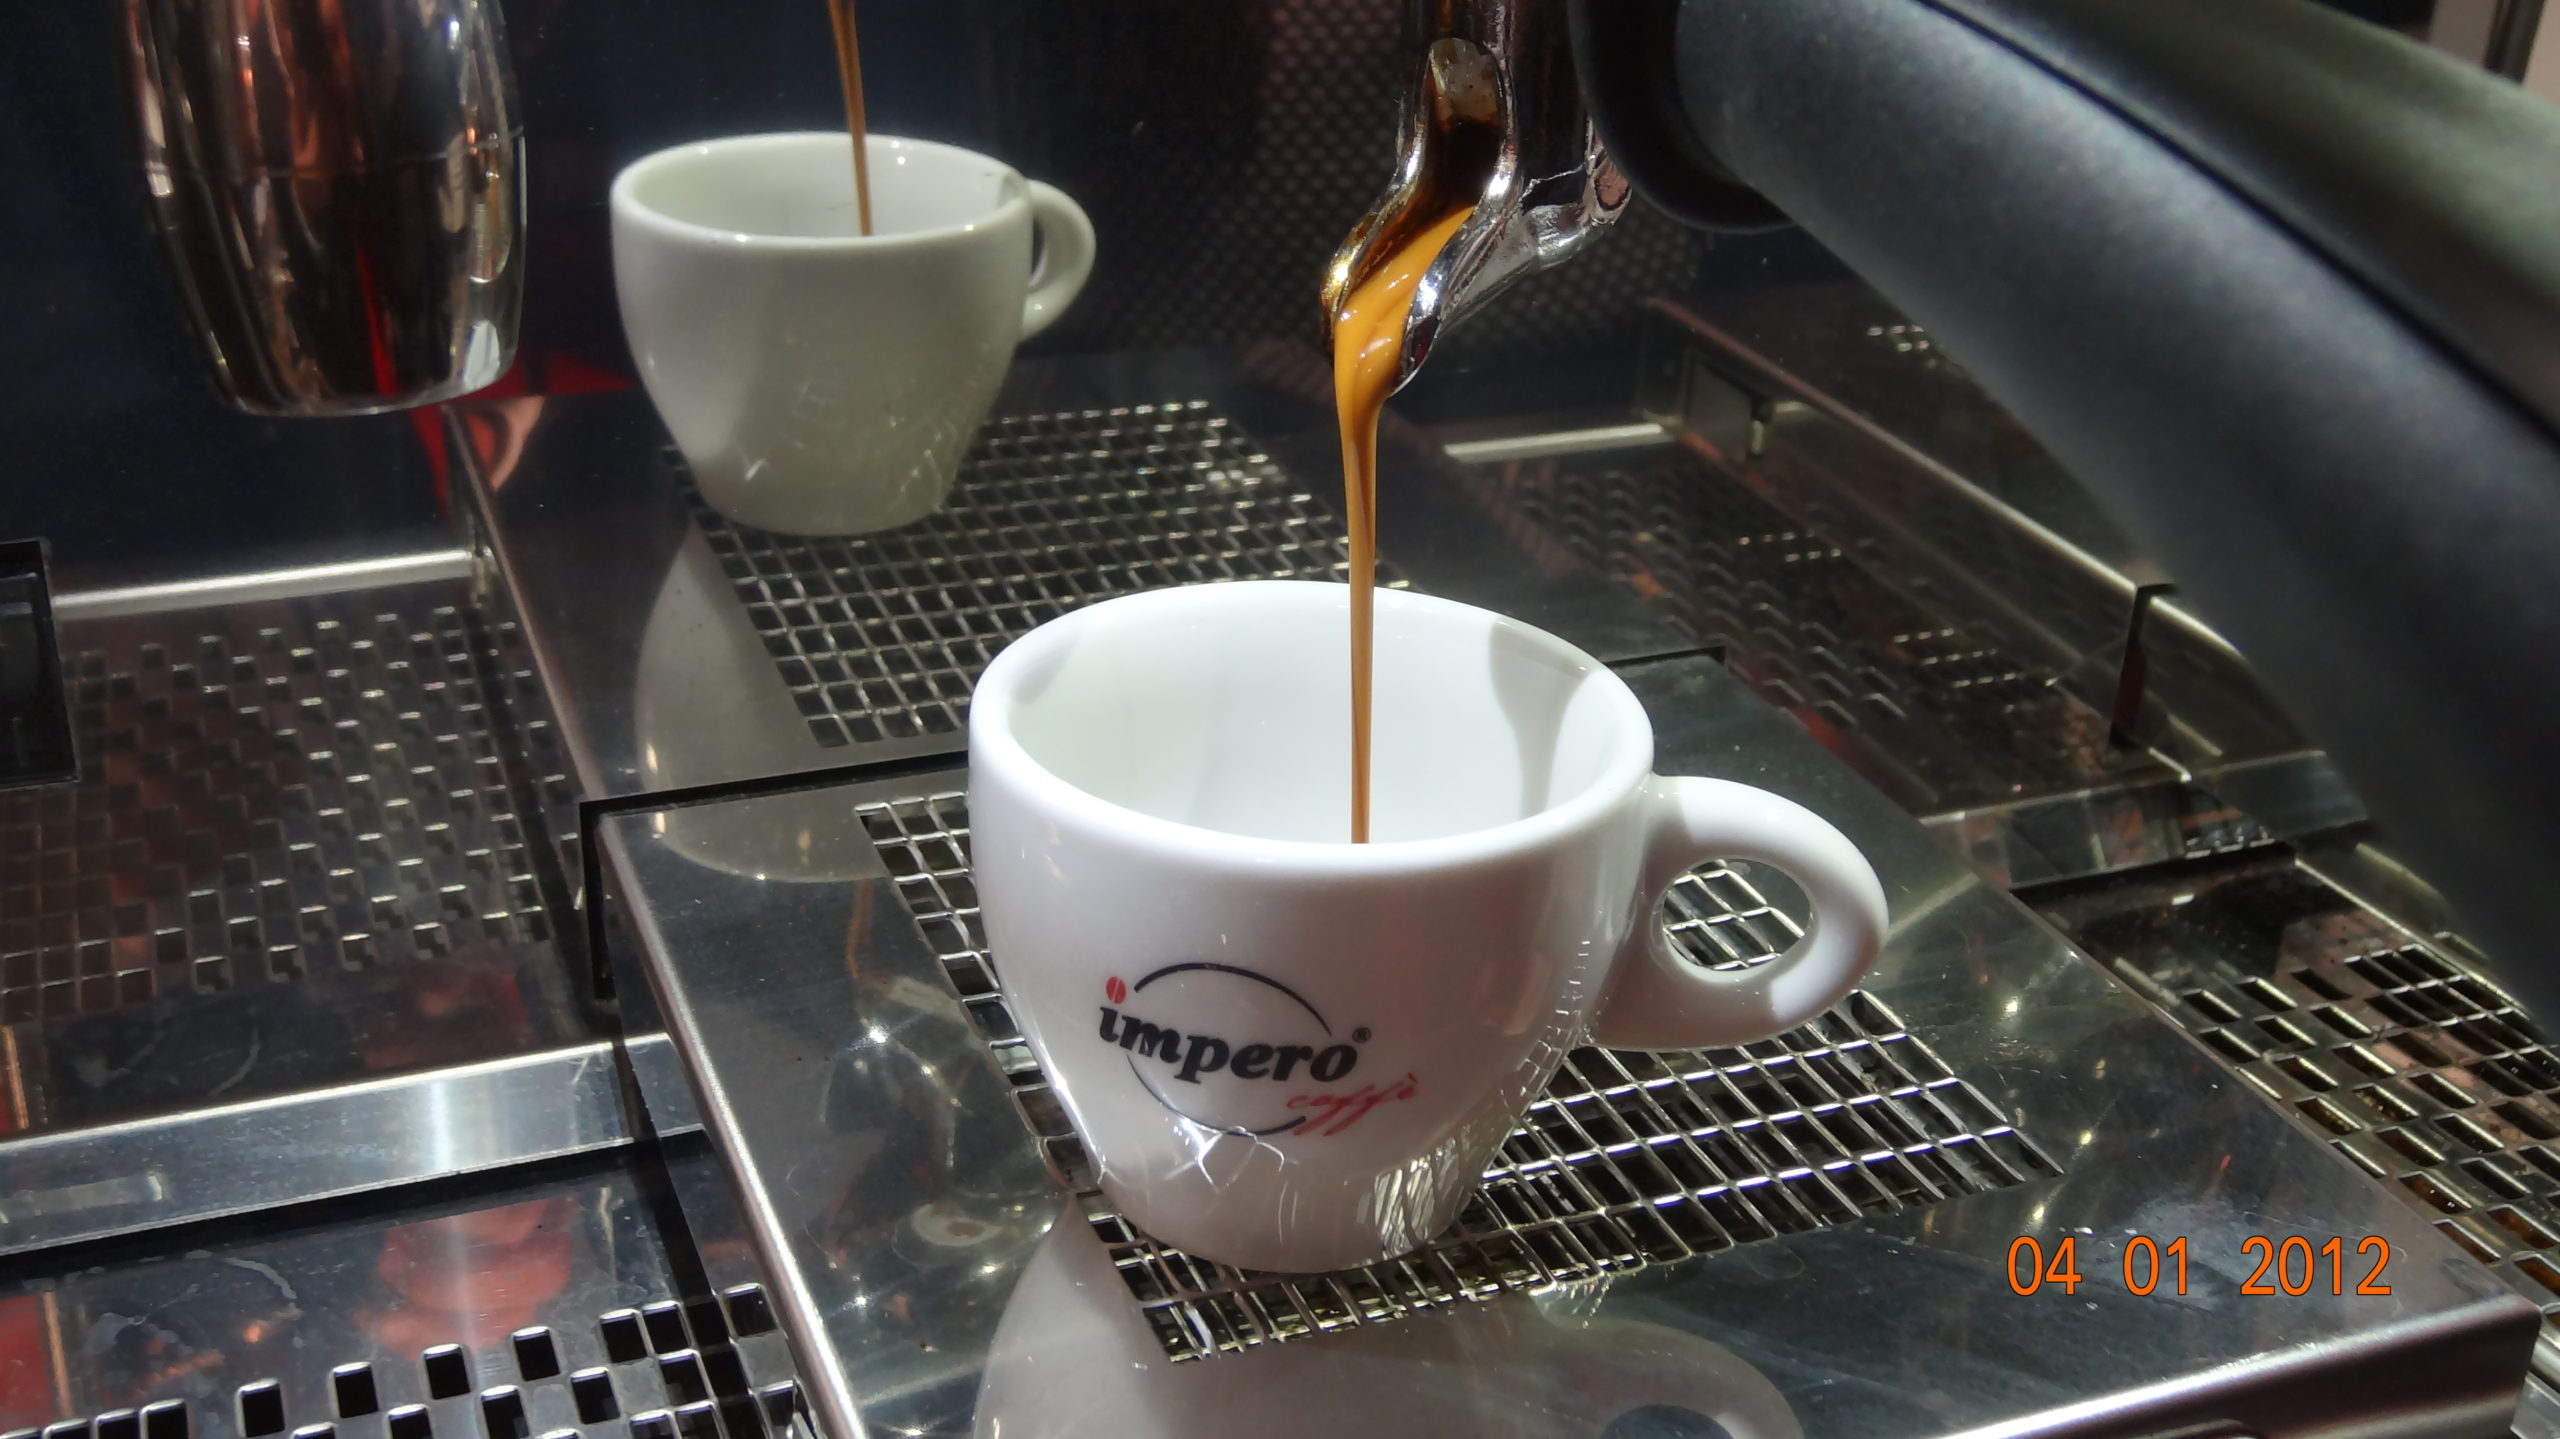 le caratteristiche del caffè